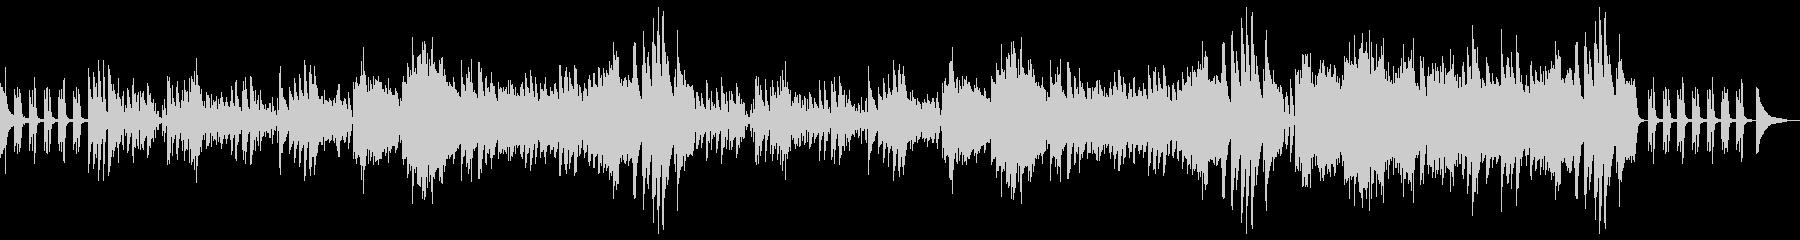 明るく軽くラグジュアリーなソロピアノ 2の未再生の波形